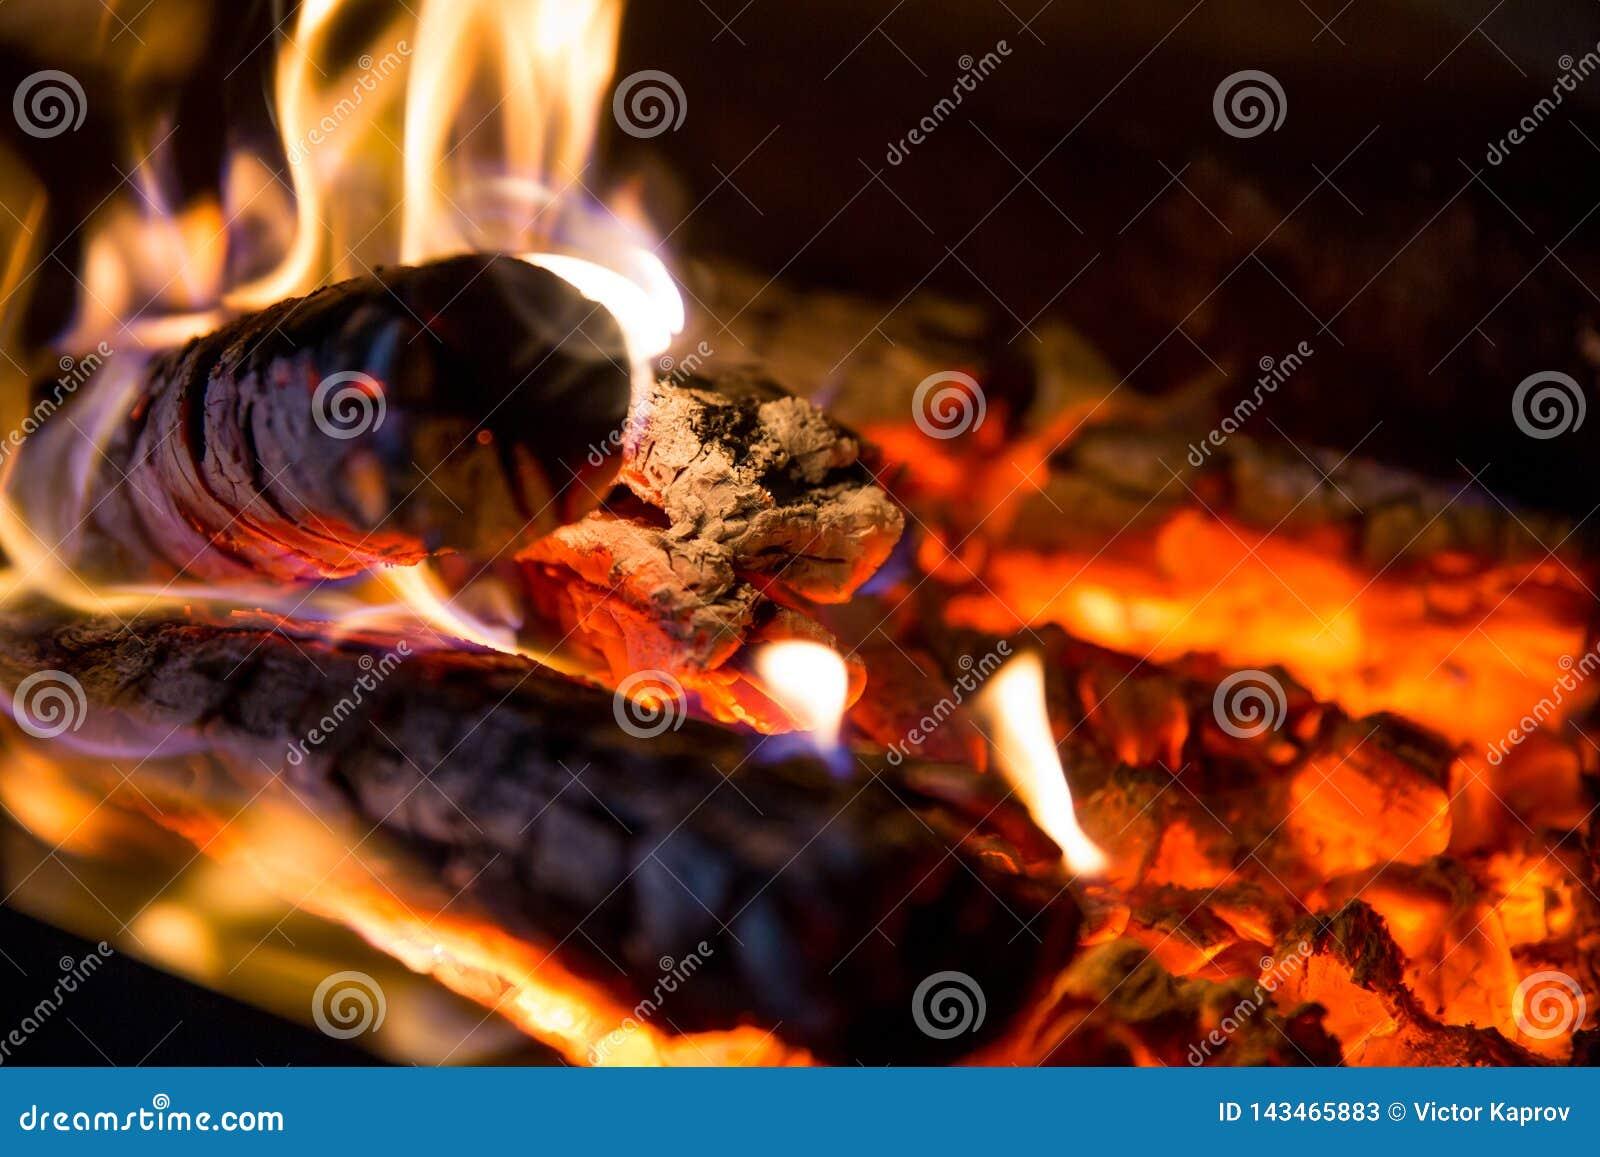 Le feu et les charbons se ferment dans le gril